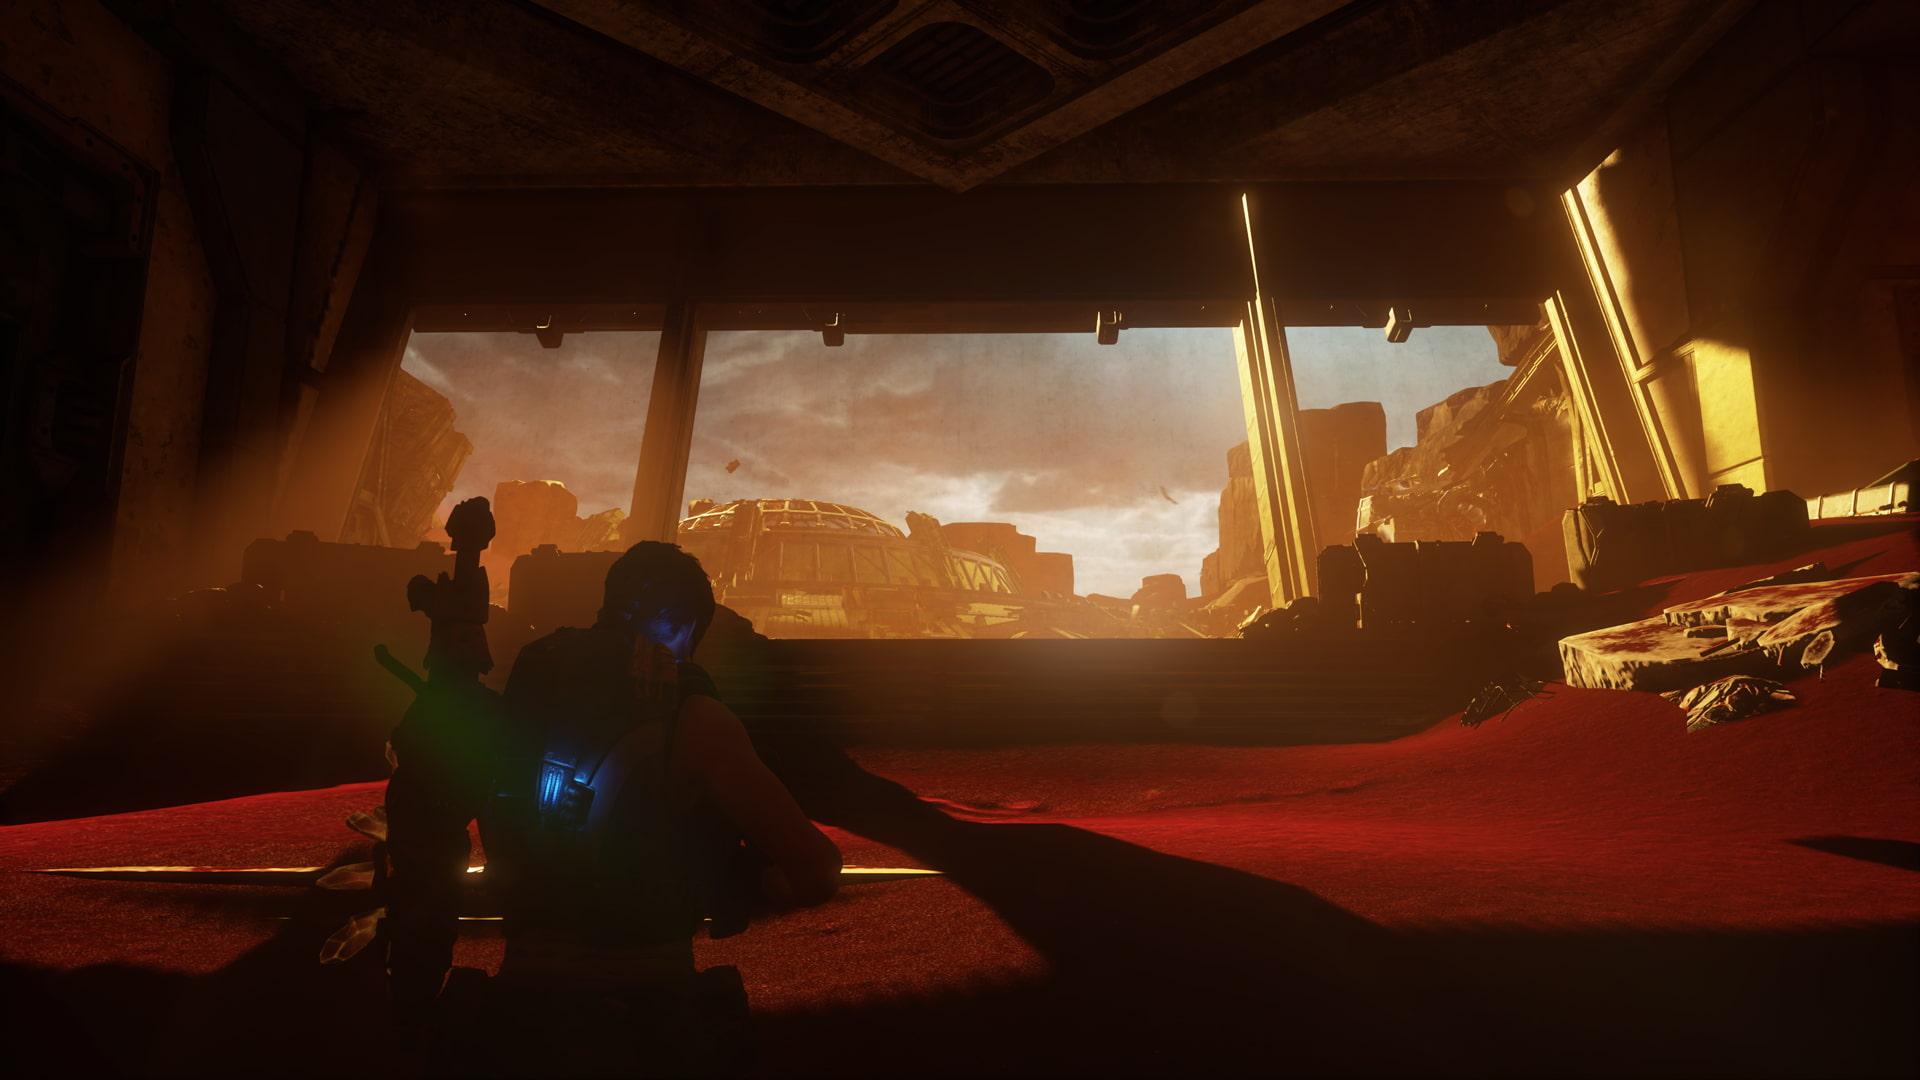 من The Coalition ، تأكد من أن Xbox Scarlett لديها نوى مخصصة لـ Ray Tracing